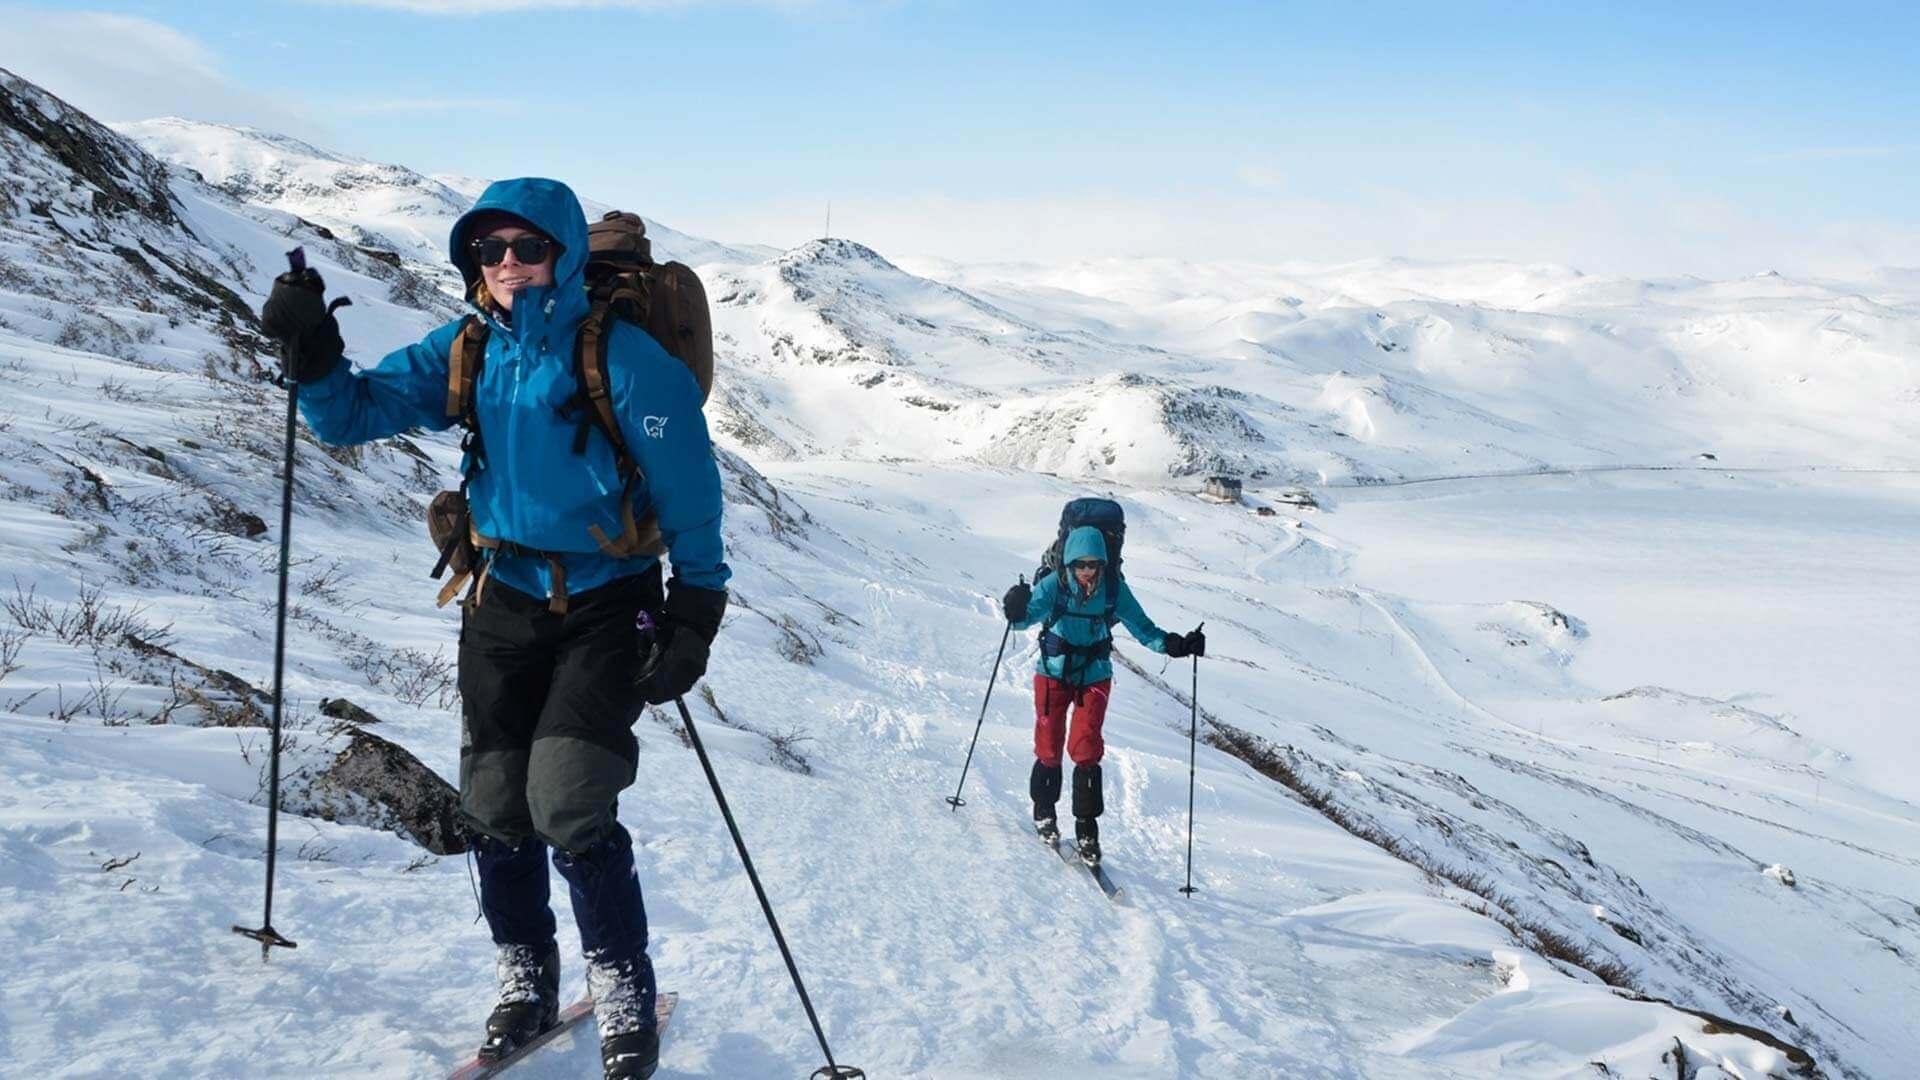 Skiing jotunheimen norway beitostølen from herangtunet